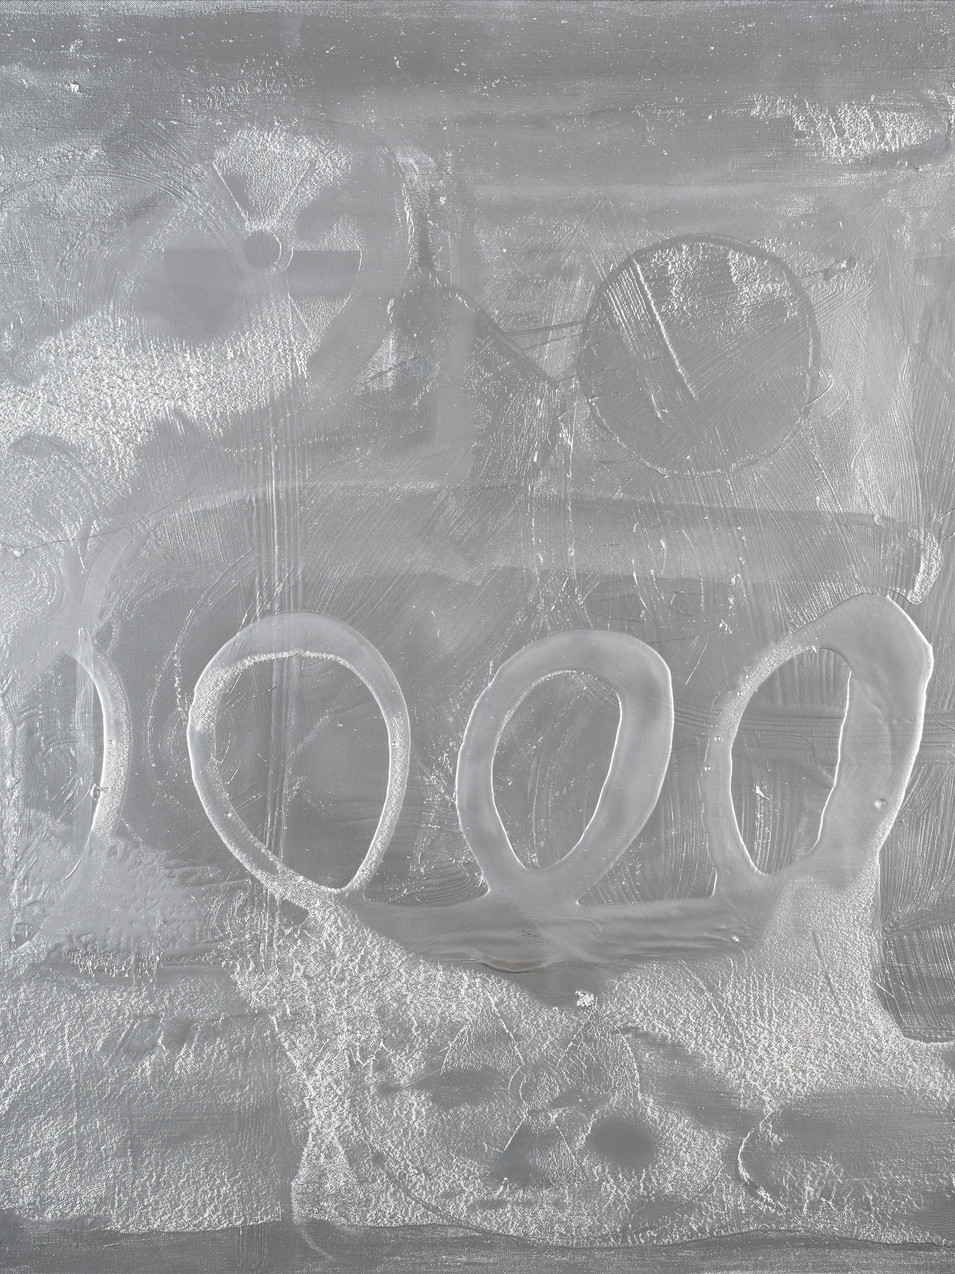 Oliver Kossack |Eine schöne Nacht (mit Jazz) am Ozonloch | 2020 | Acryl auf Leinwand | 100 x 120 cm | 5700 Euro